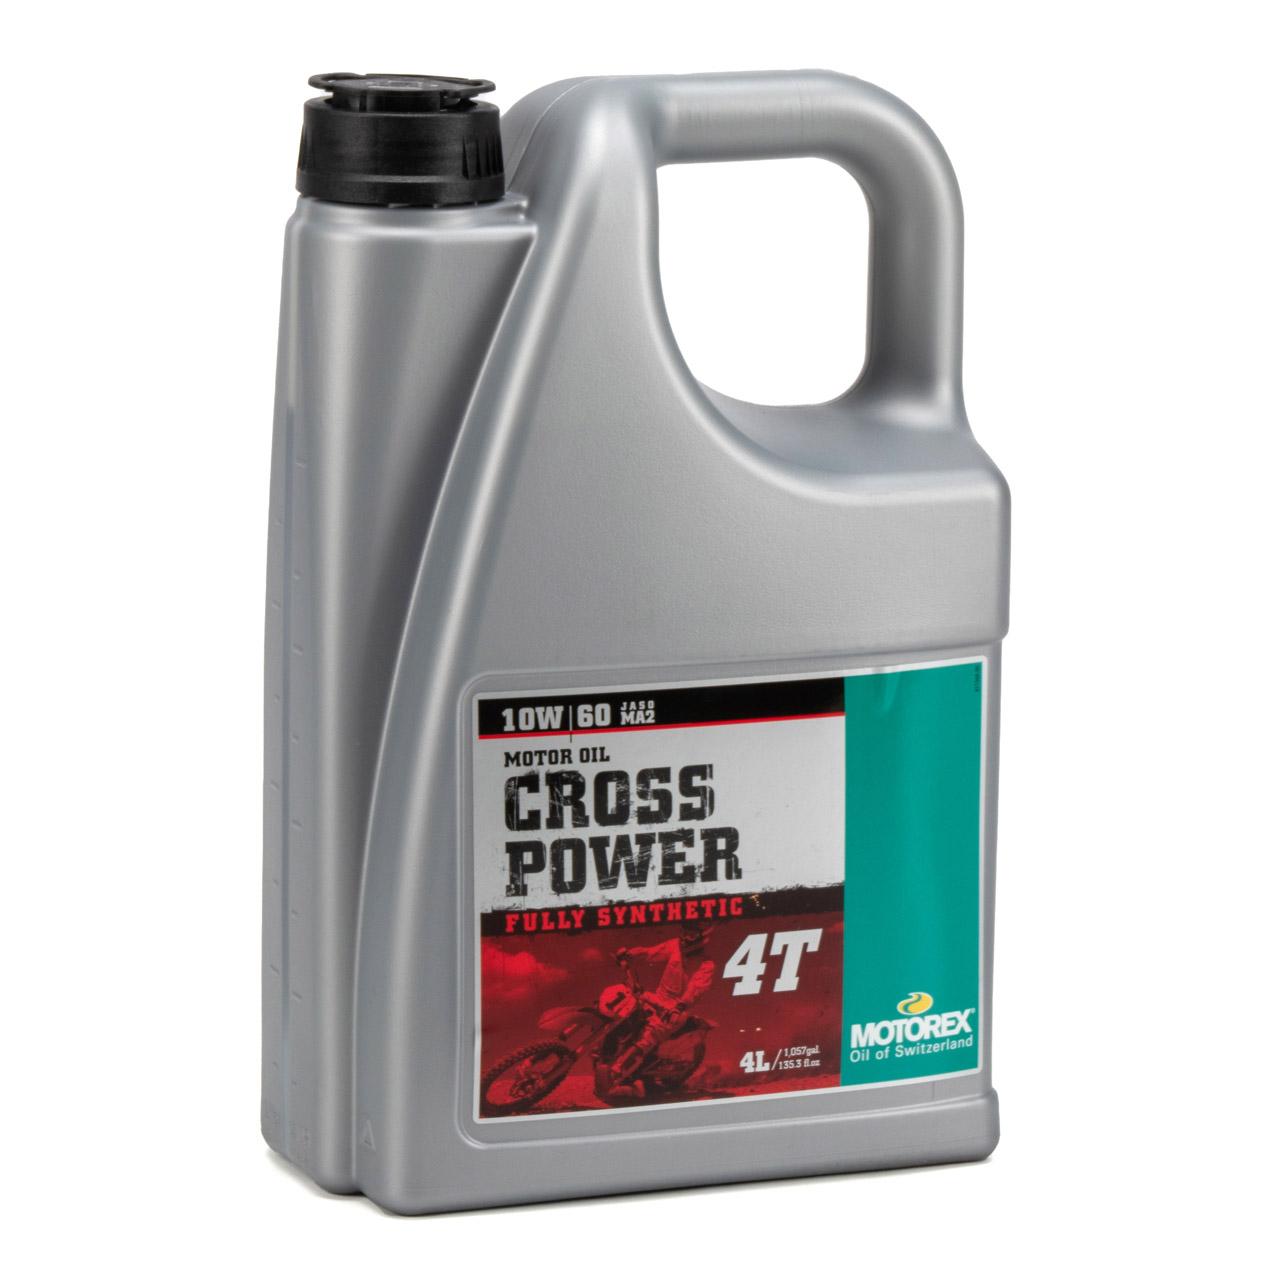 MOTOREX Cross Power 4T Motoröl Öl 10W60 JASO MA2 API SL/SH/SG - 8L 8 Liter